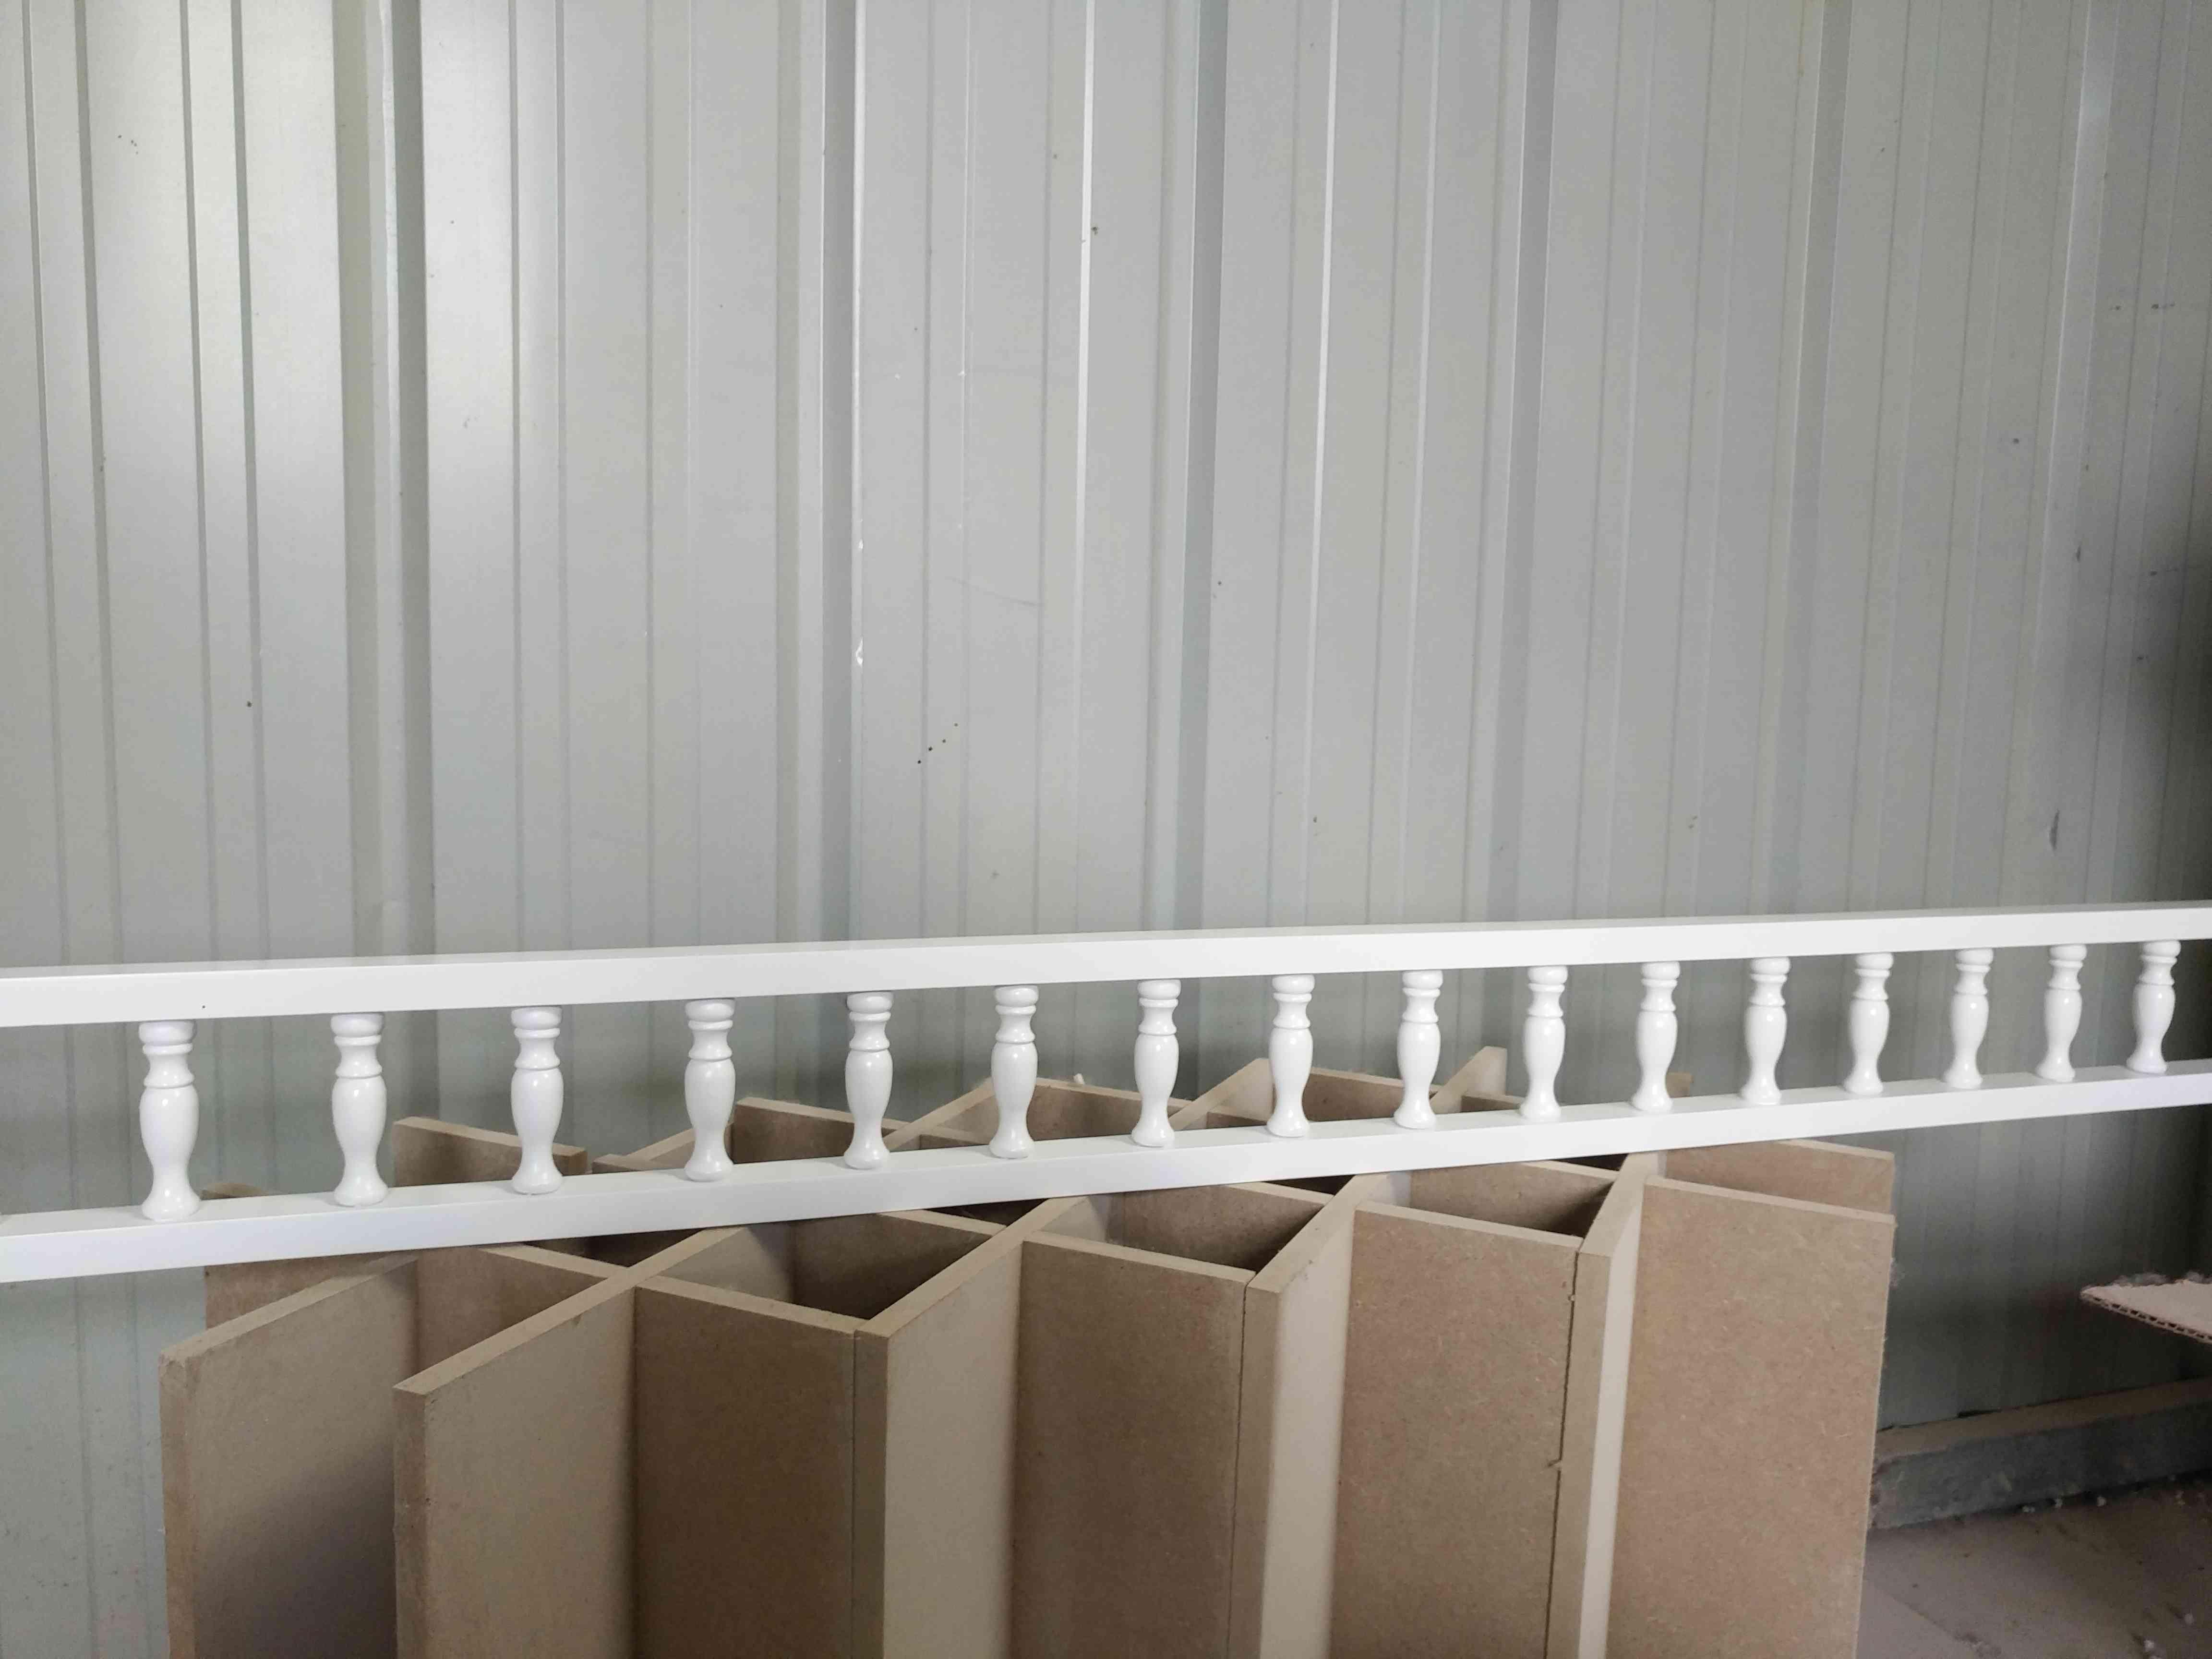 专业定制实木酒柜橱柜小葫芦廊桥装饰围栏杆圆柱罗马柱酒架摆件